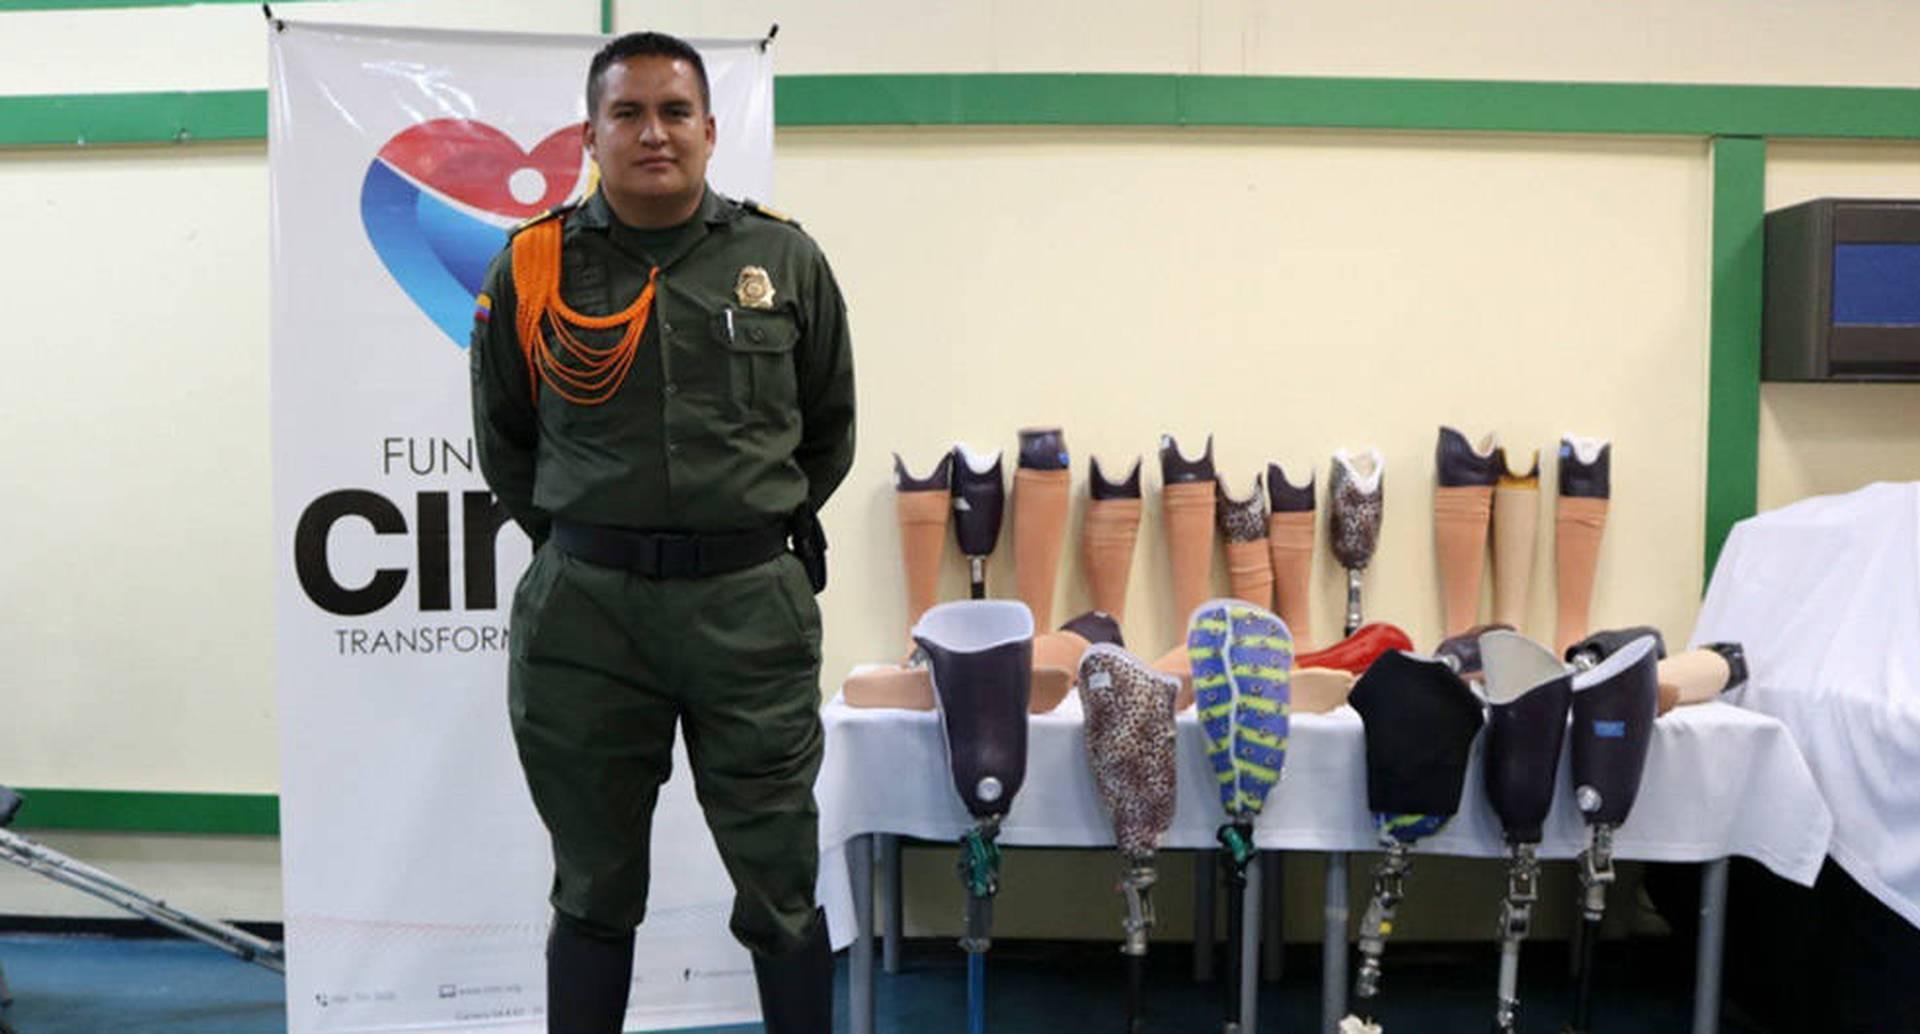 El patrullero Luis Carlos Muñoz trabaja en un programa de atención a discapacitados de la fuerza pública.